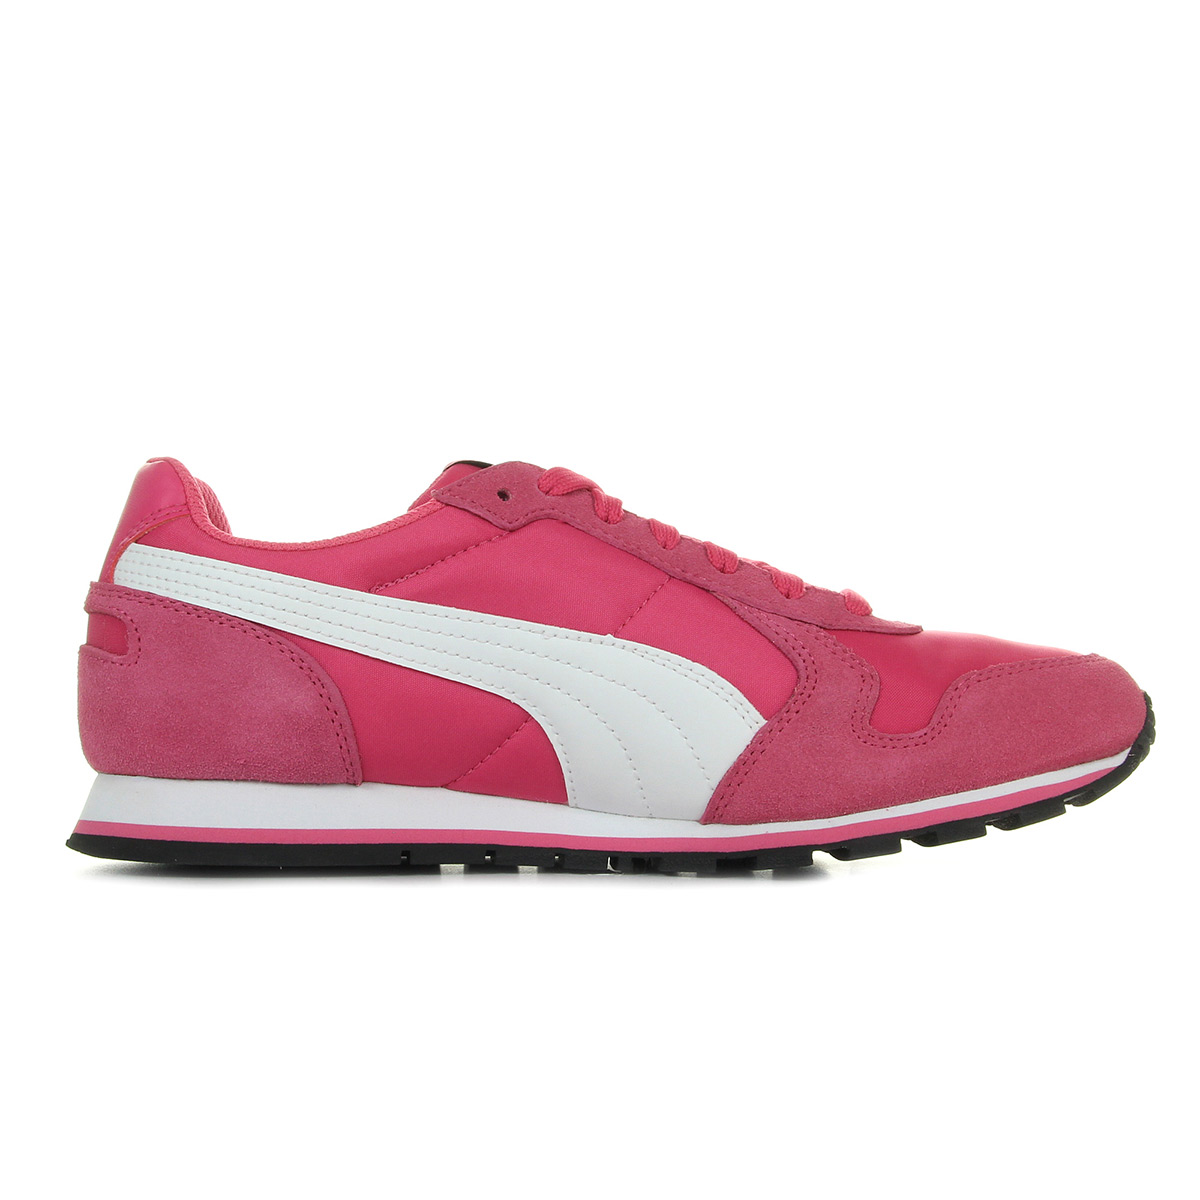 Puma ST Runner NL 35673833, Baskets mode femme